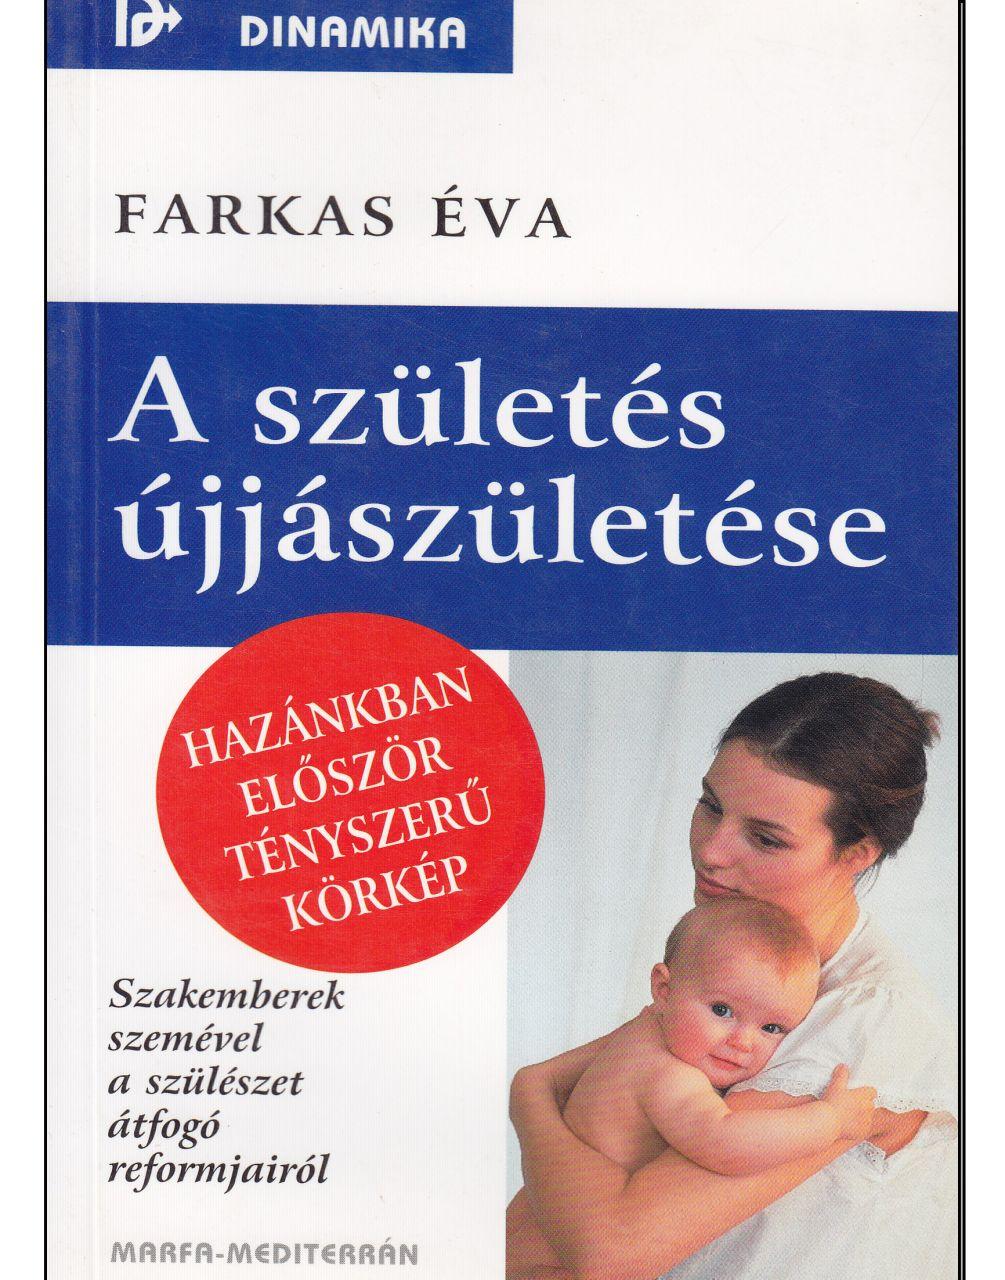 A születés újjászületése (könyv)